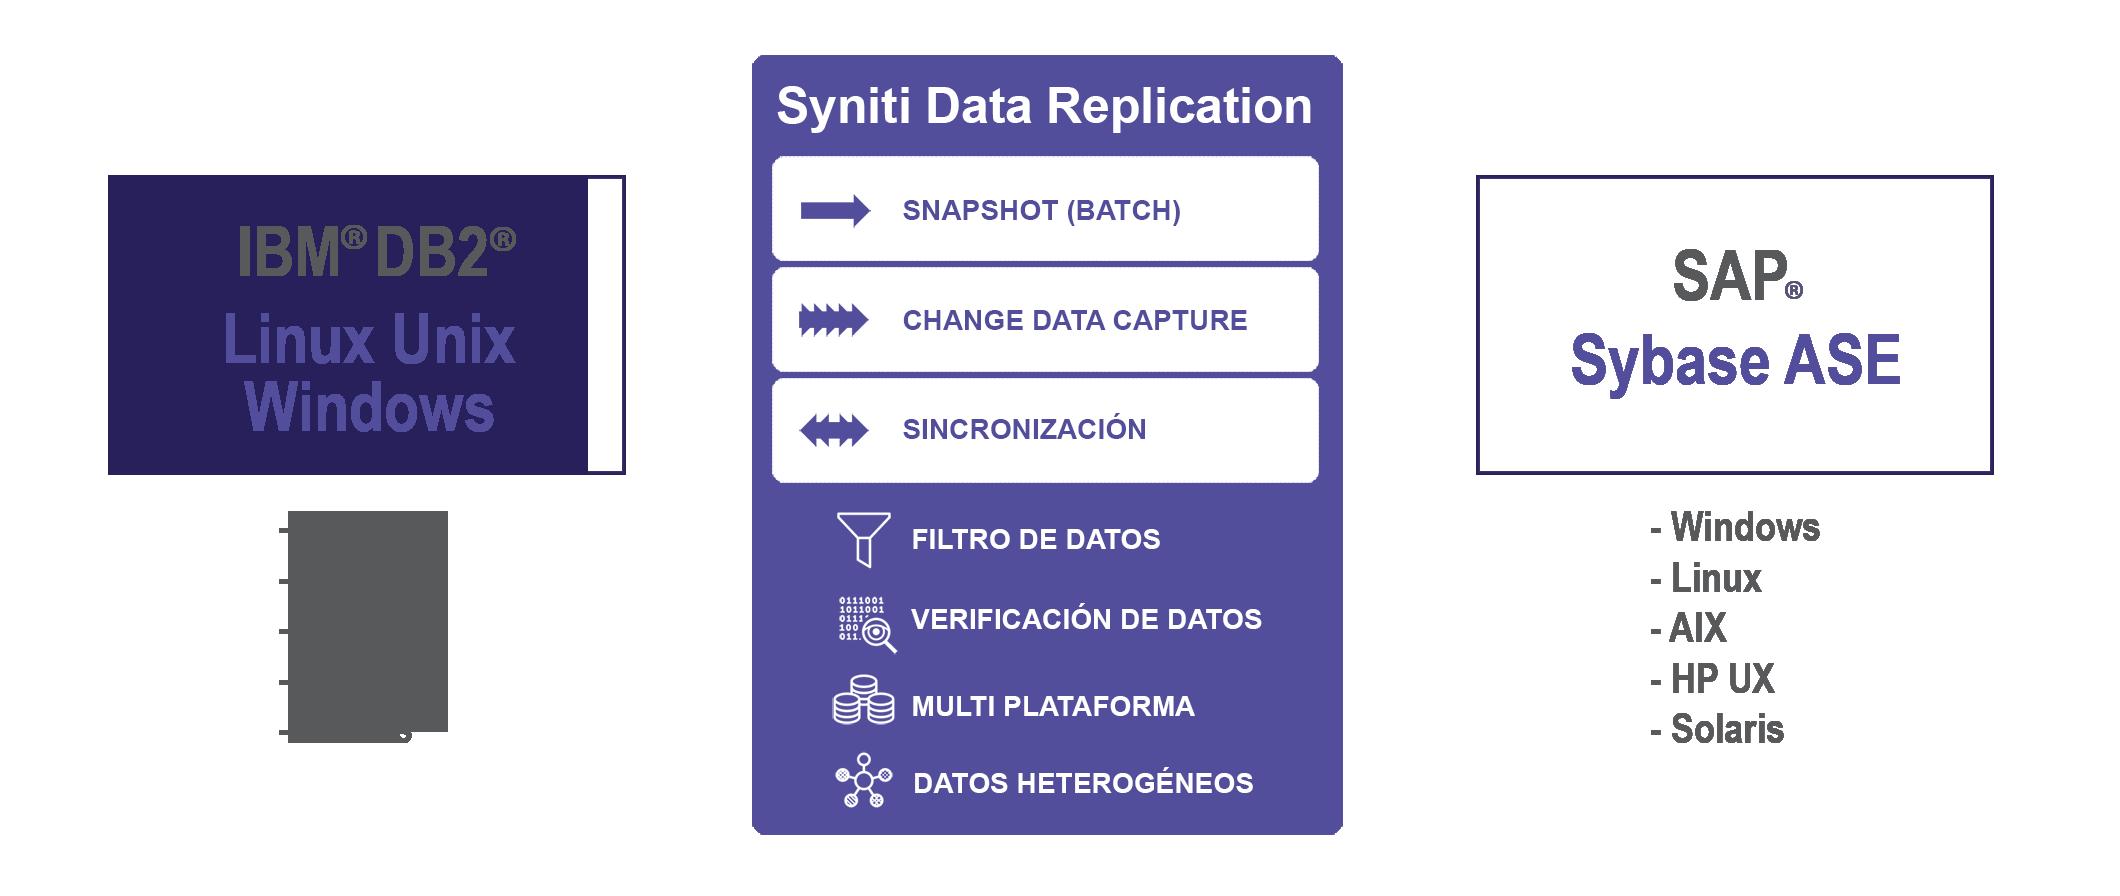 Replicación de datos DB2 LUW a Sybase ASE en tiempo real